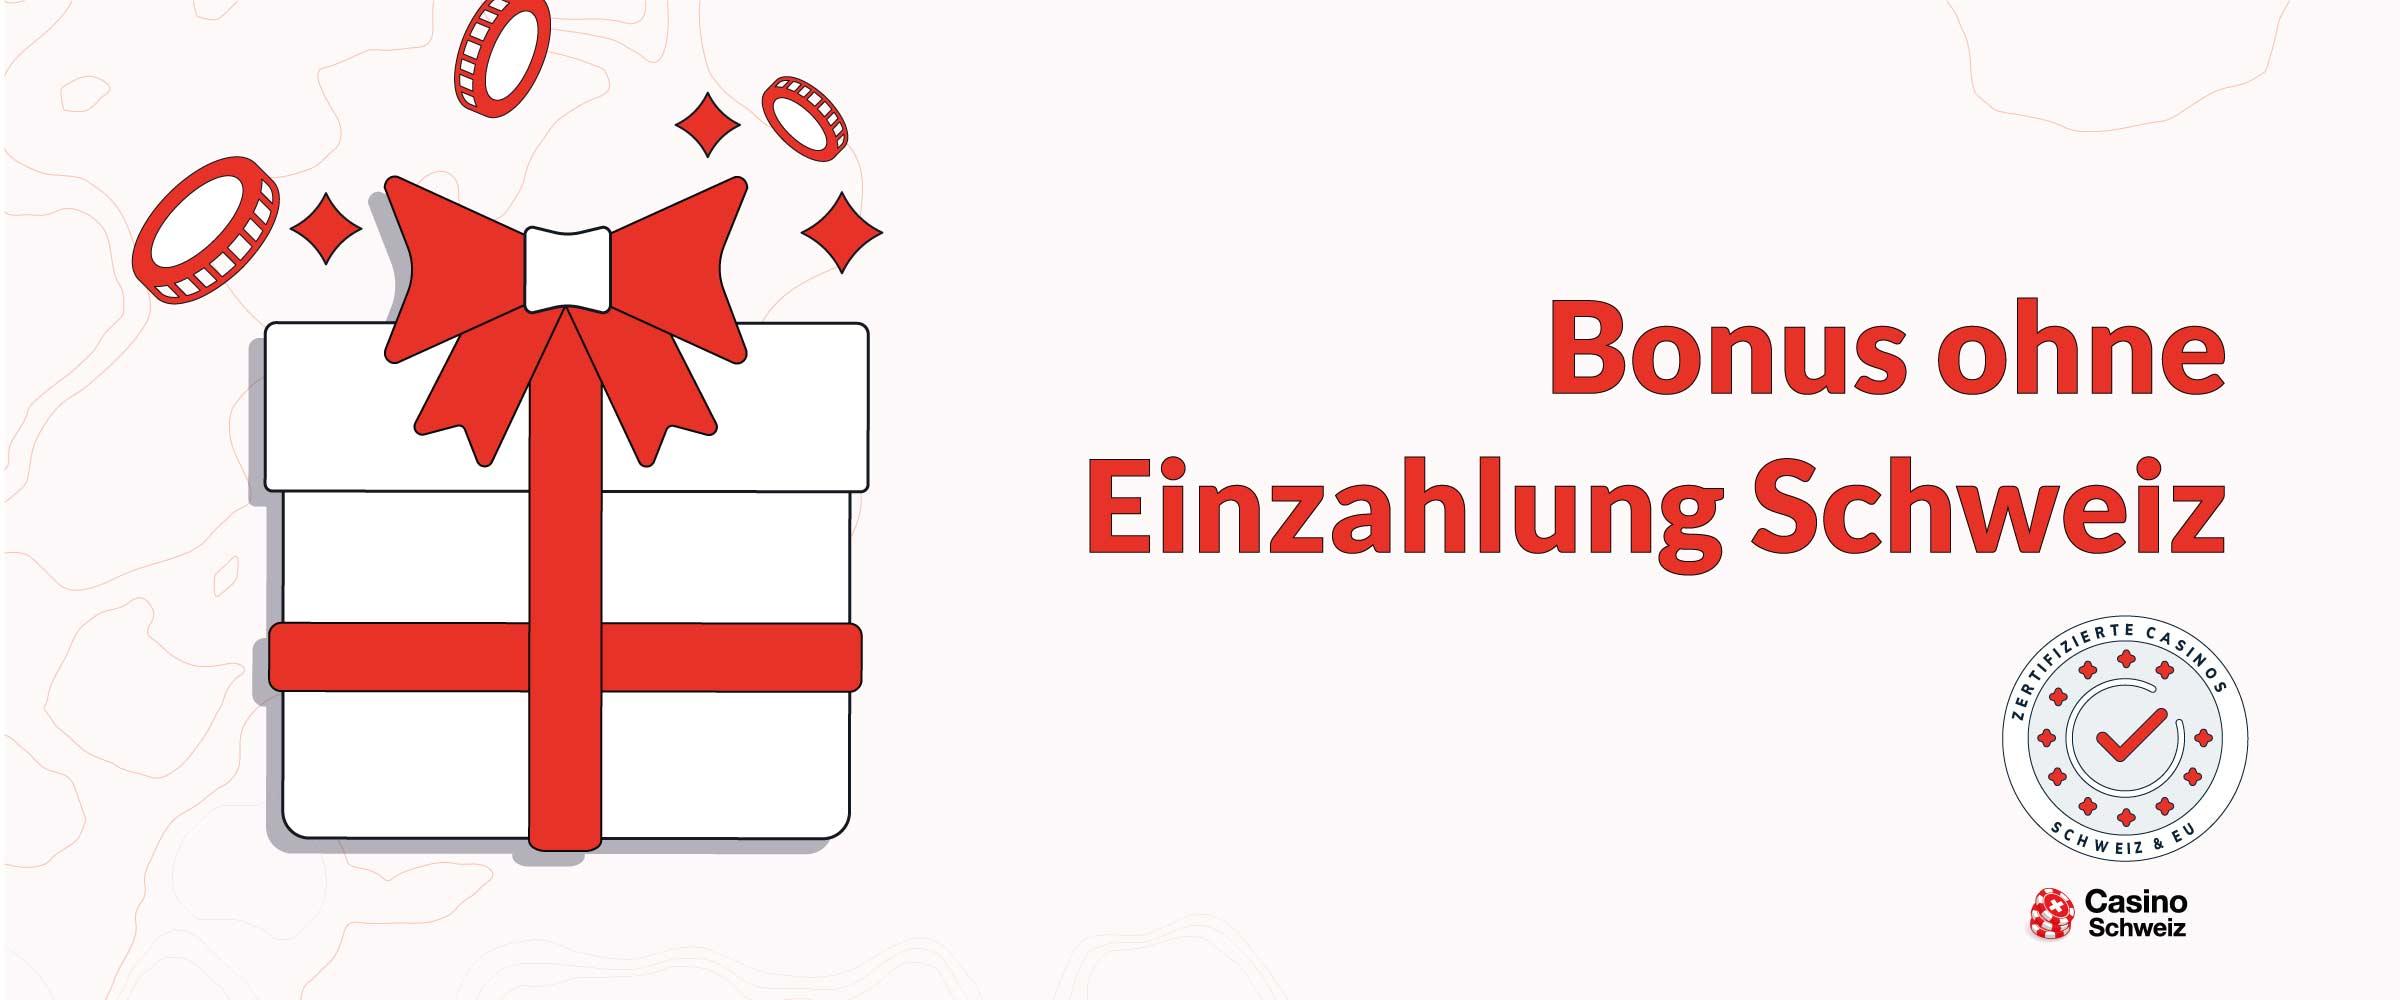 Bonus ohne Einzahlung Schweiz